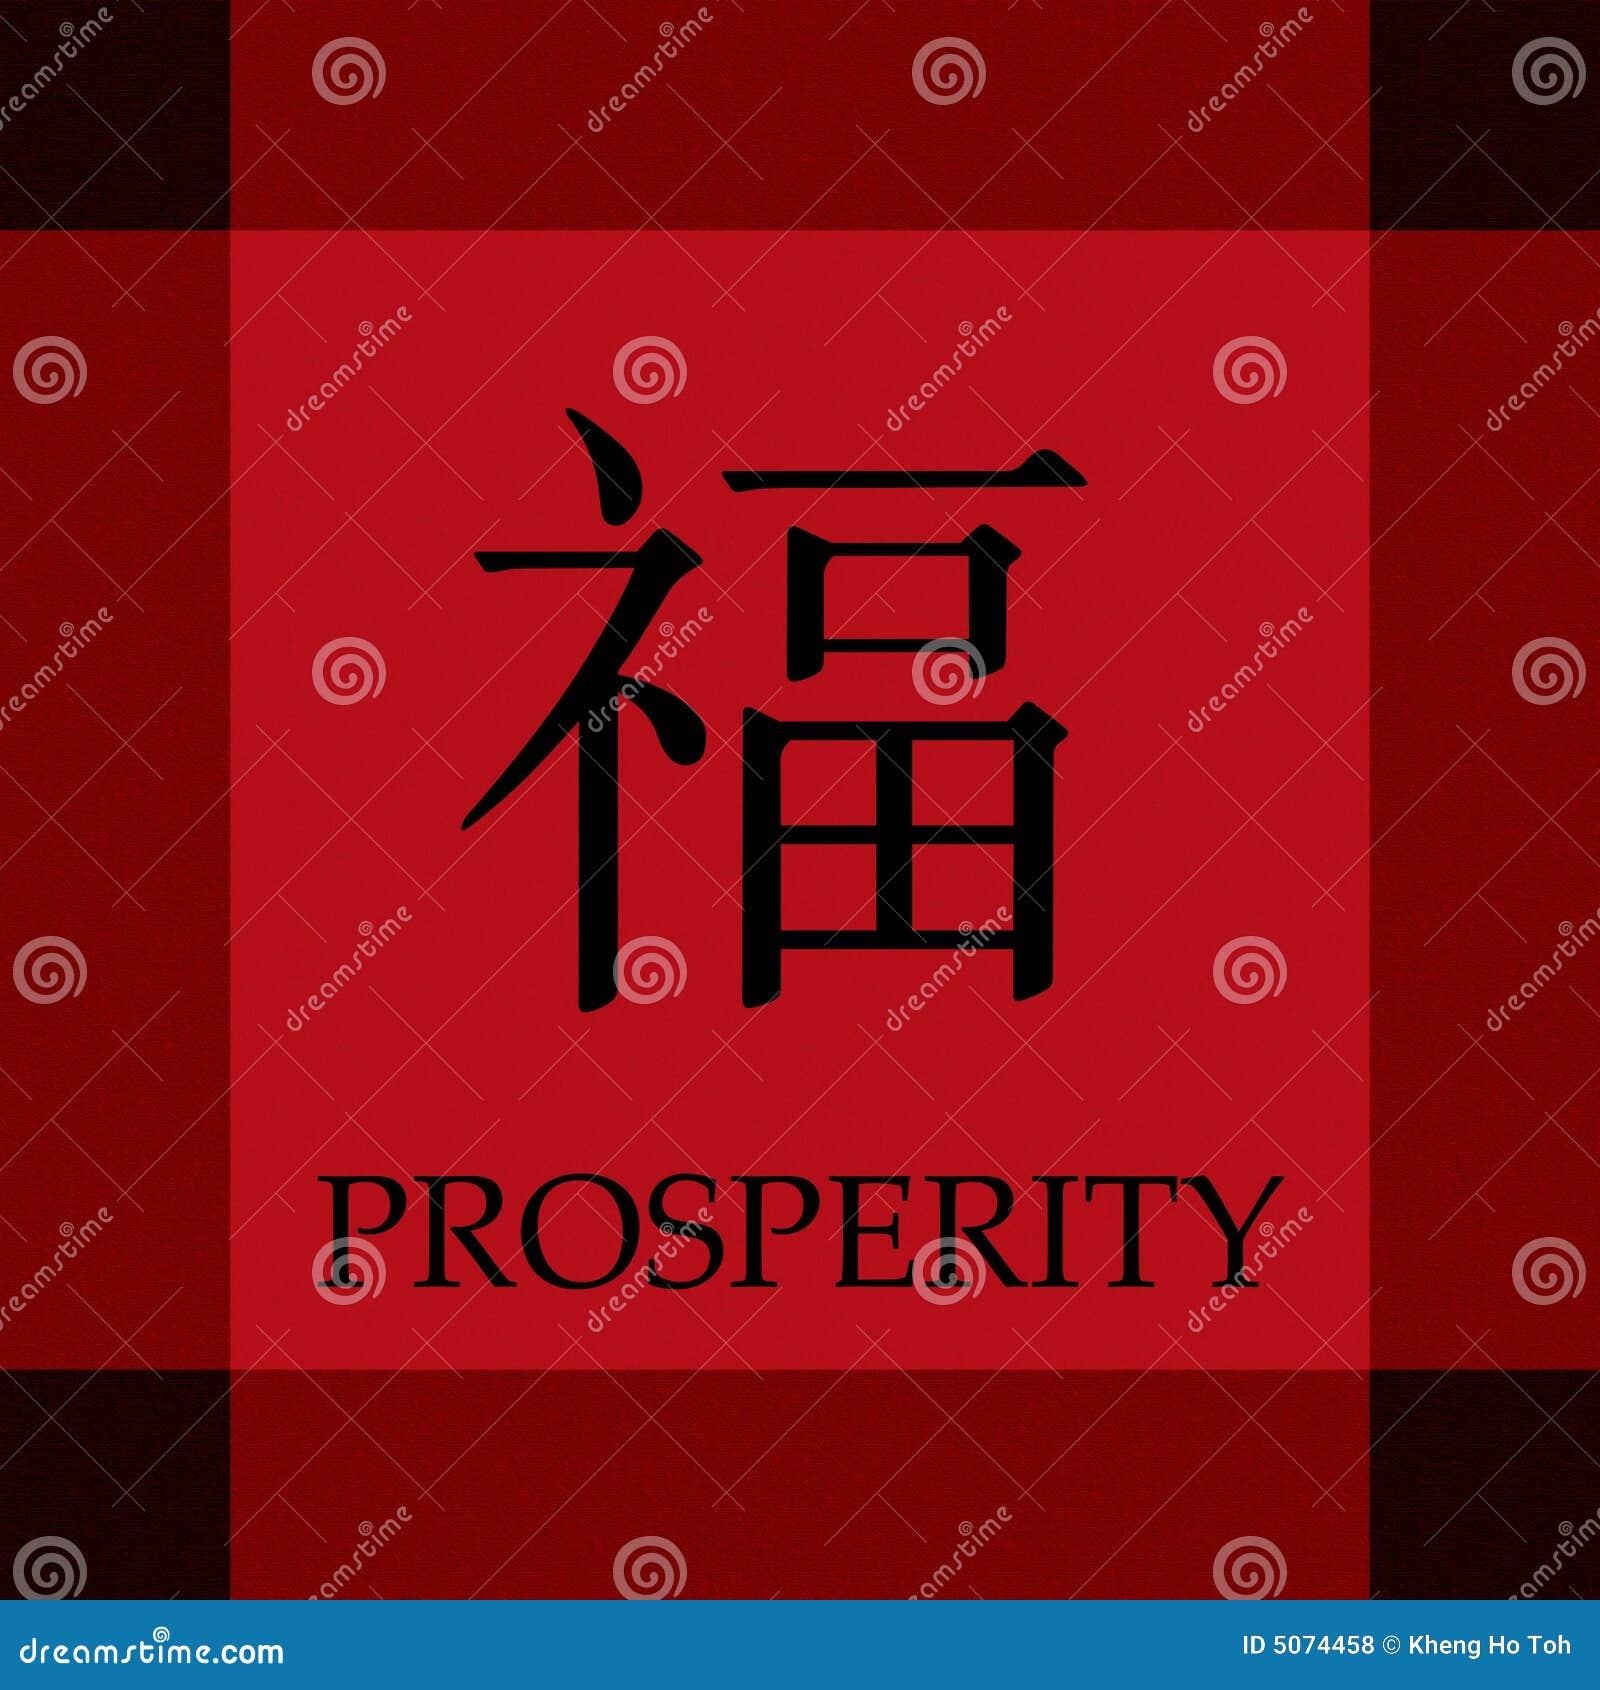 symbole chinois de la prosp rit et de la richesse illustration stock illustration du asie. Black Bedroom Furniture Sets. Home Design Ideas